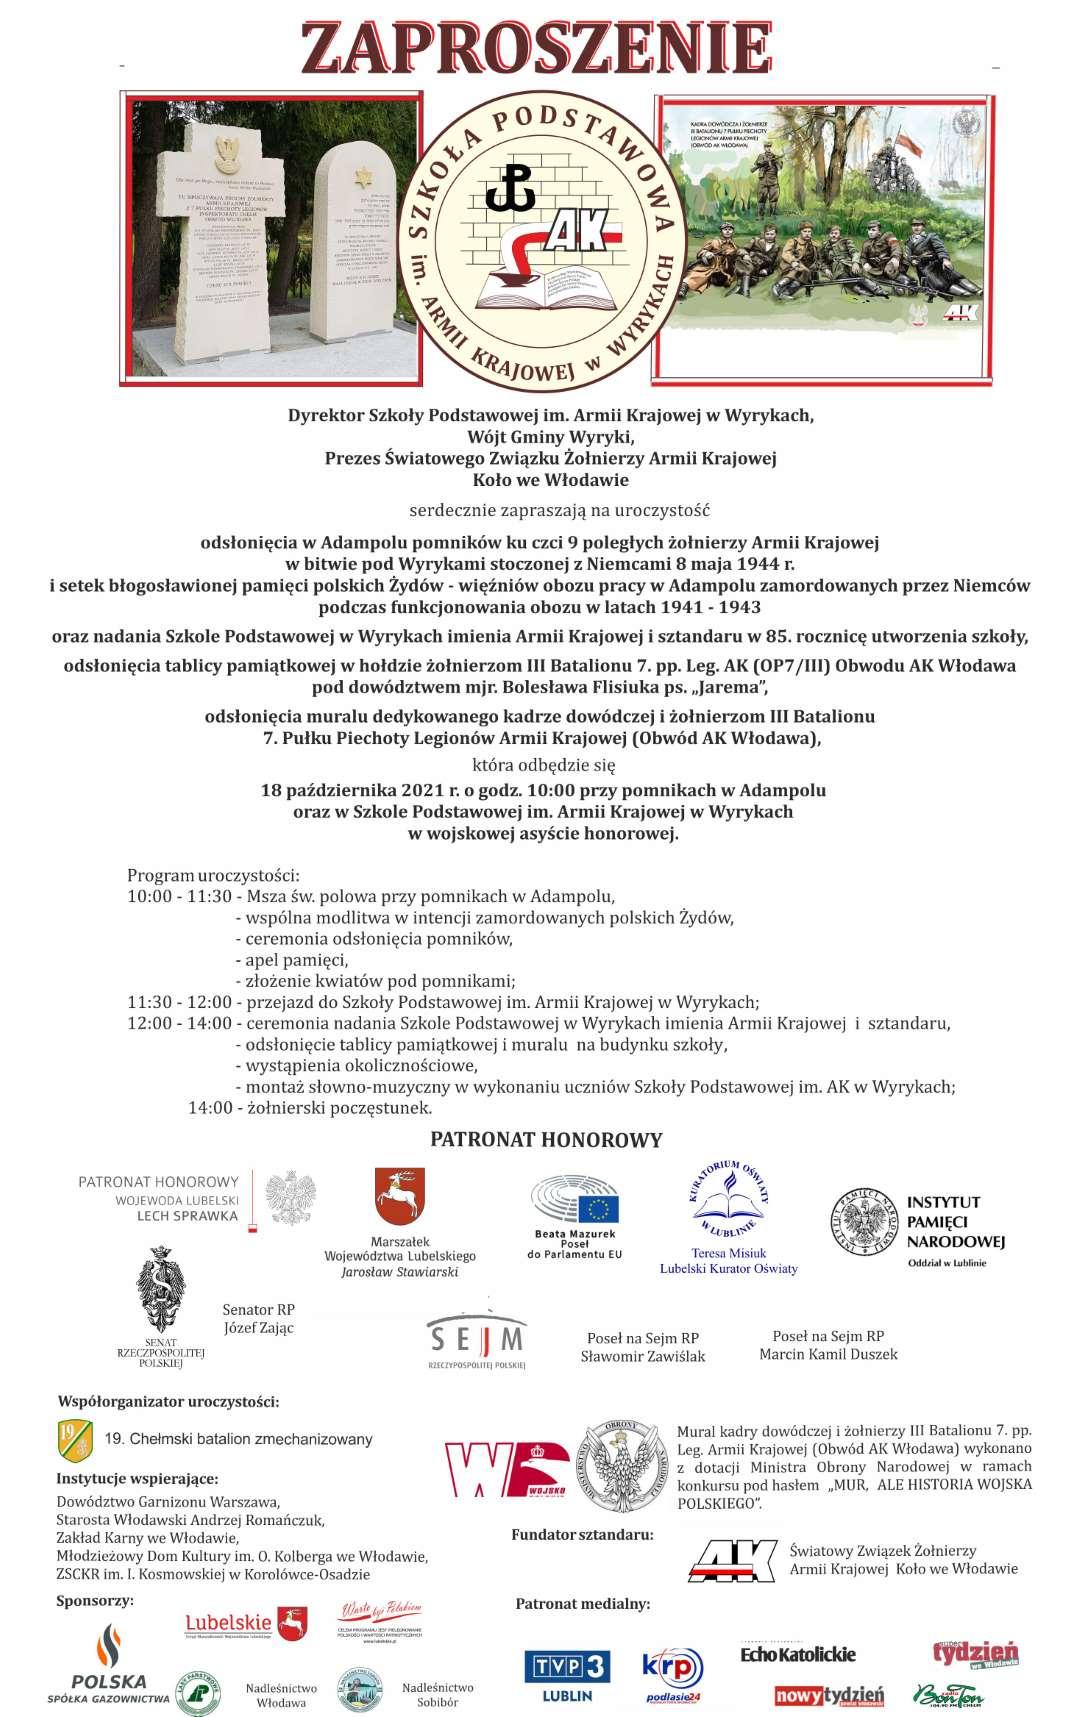 Grafika zaproszenia zawiera zdjęcie pomników w Adampolu oraz zdjęcie muralu wykonanego na budynku szkoły w Wyrykach. Poniżej tekst zaproszenia oraz logotypy patronatu honorowego, współorganizatorów uroczystości, sponsorów i patronatu medialnego.